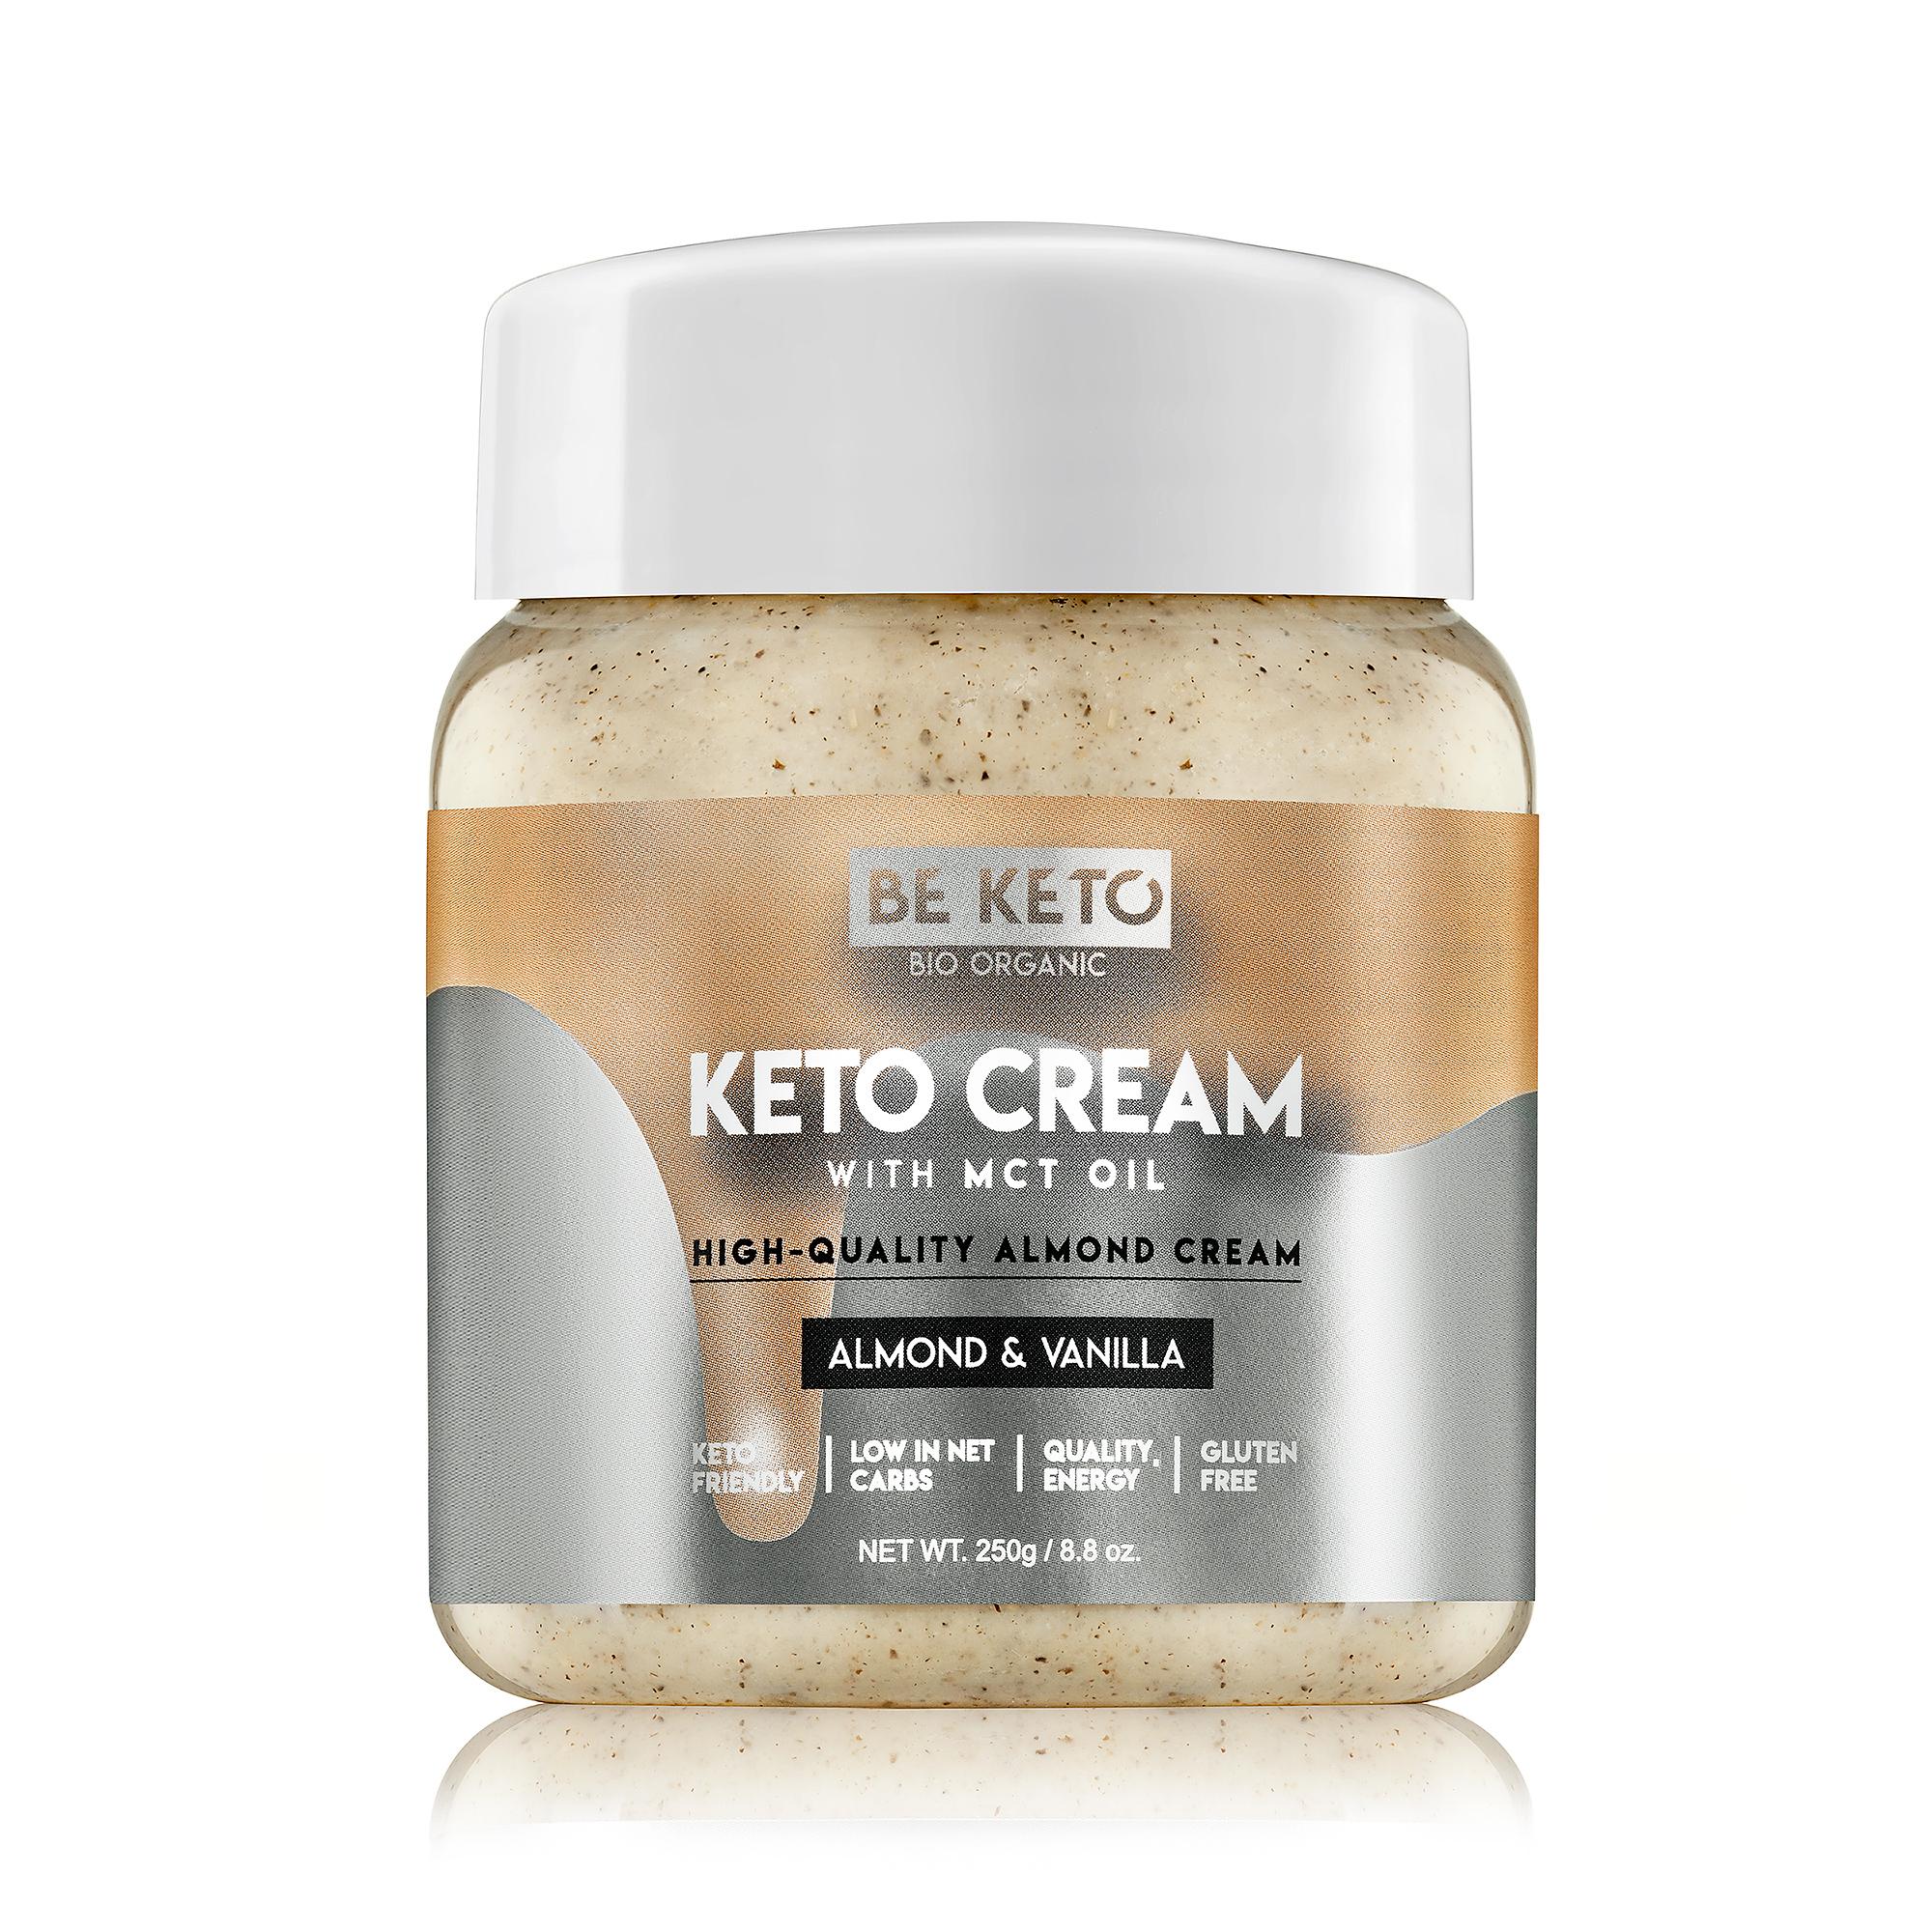 Keto Cream - Almond & Vanilla